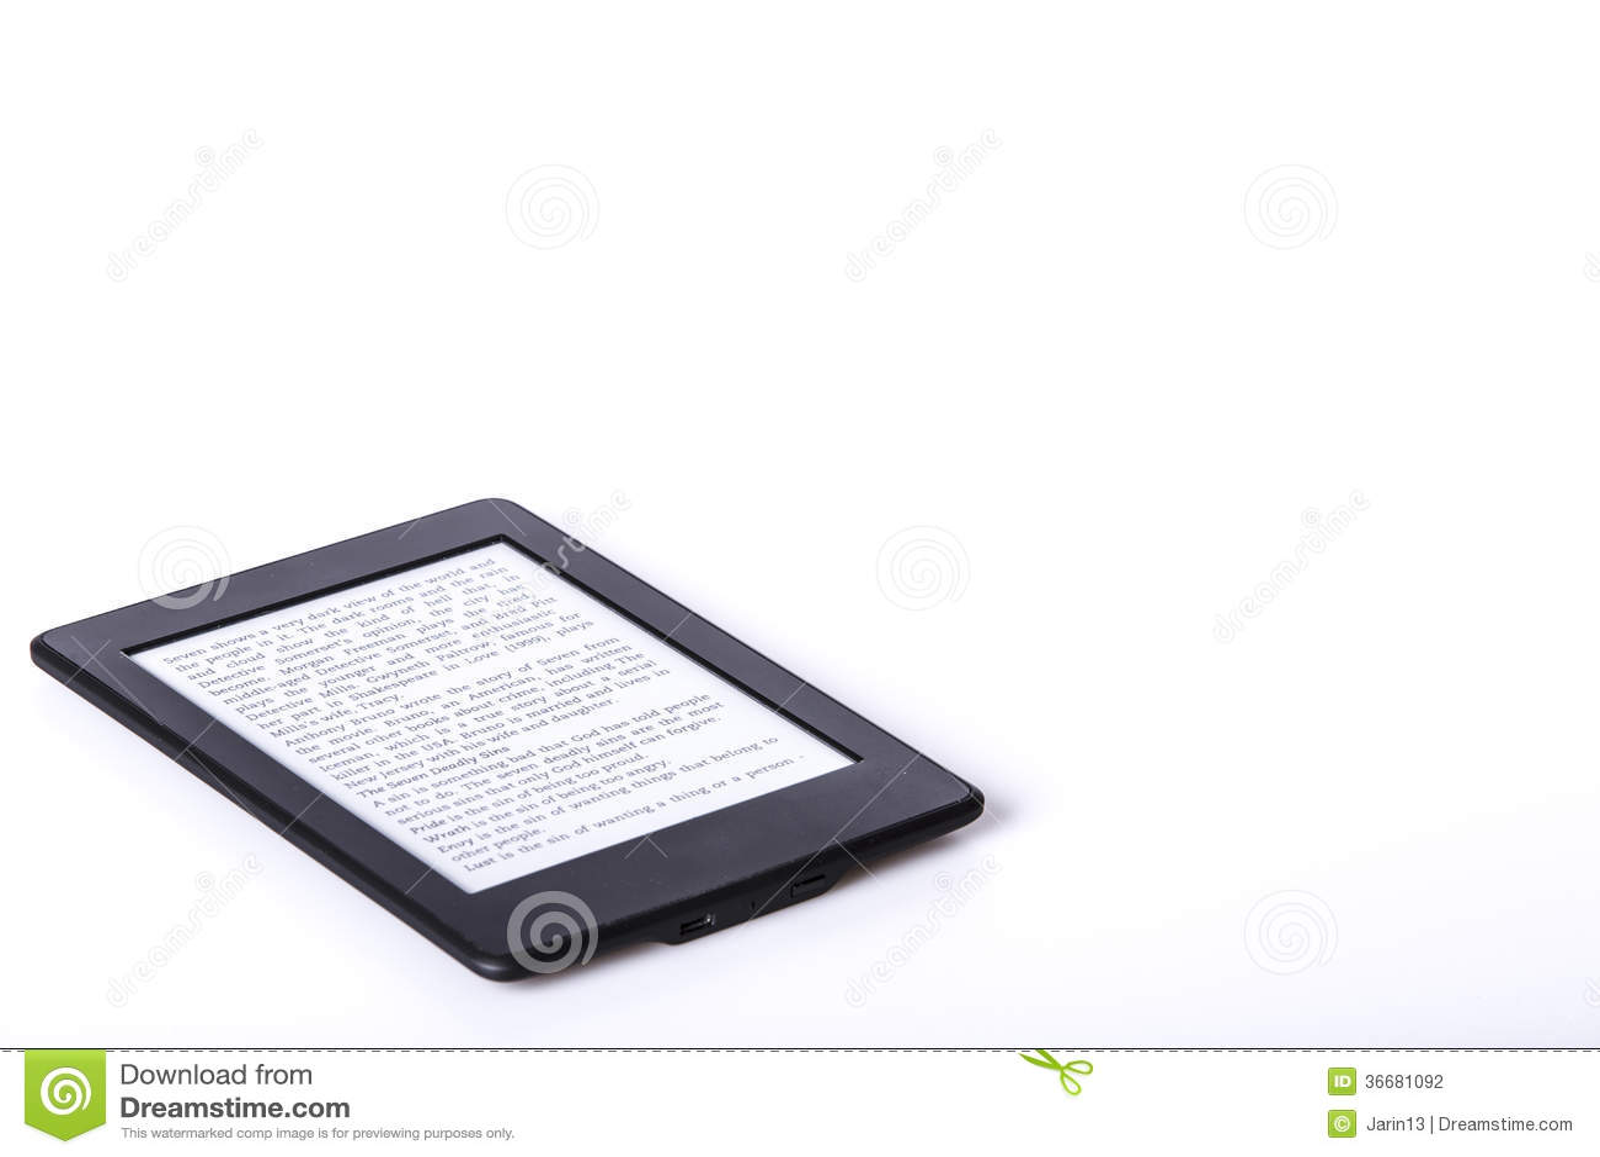 black ebook reader or tablet stock photography 36681092. Black Bedroom Furniture Sets. Home Design Ideas